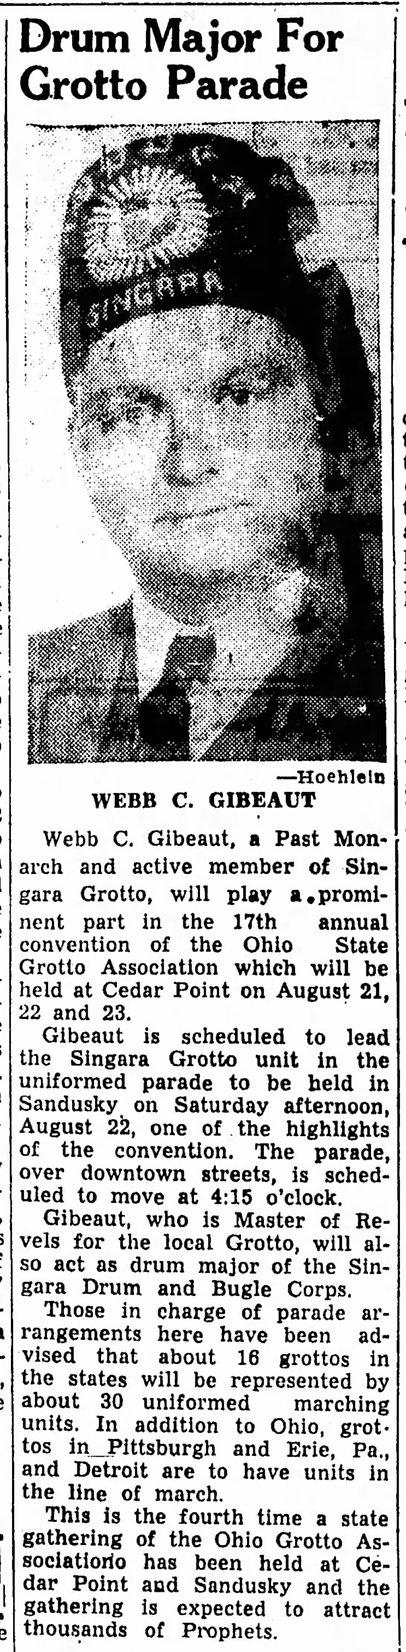 Webb C Gibeaut.jpg